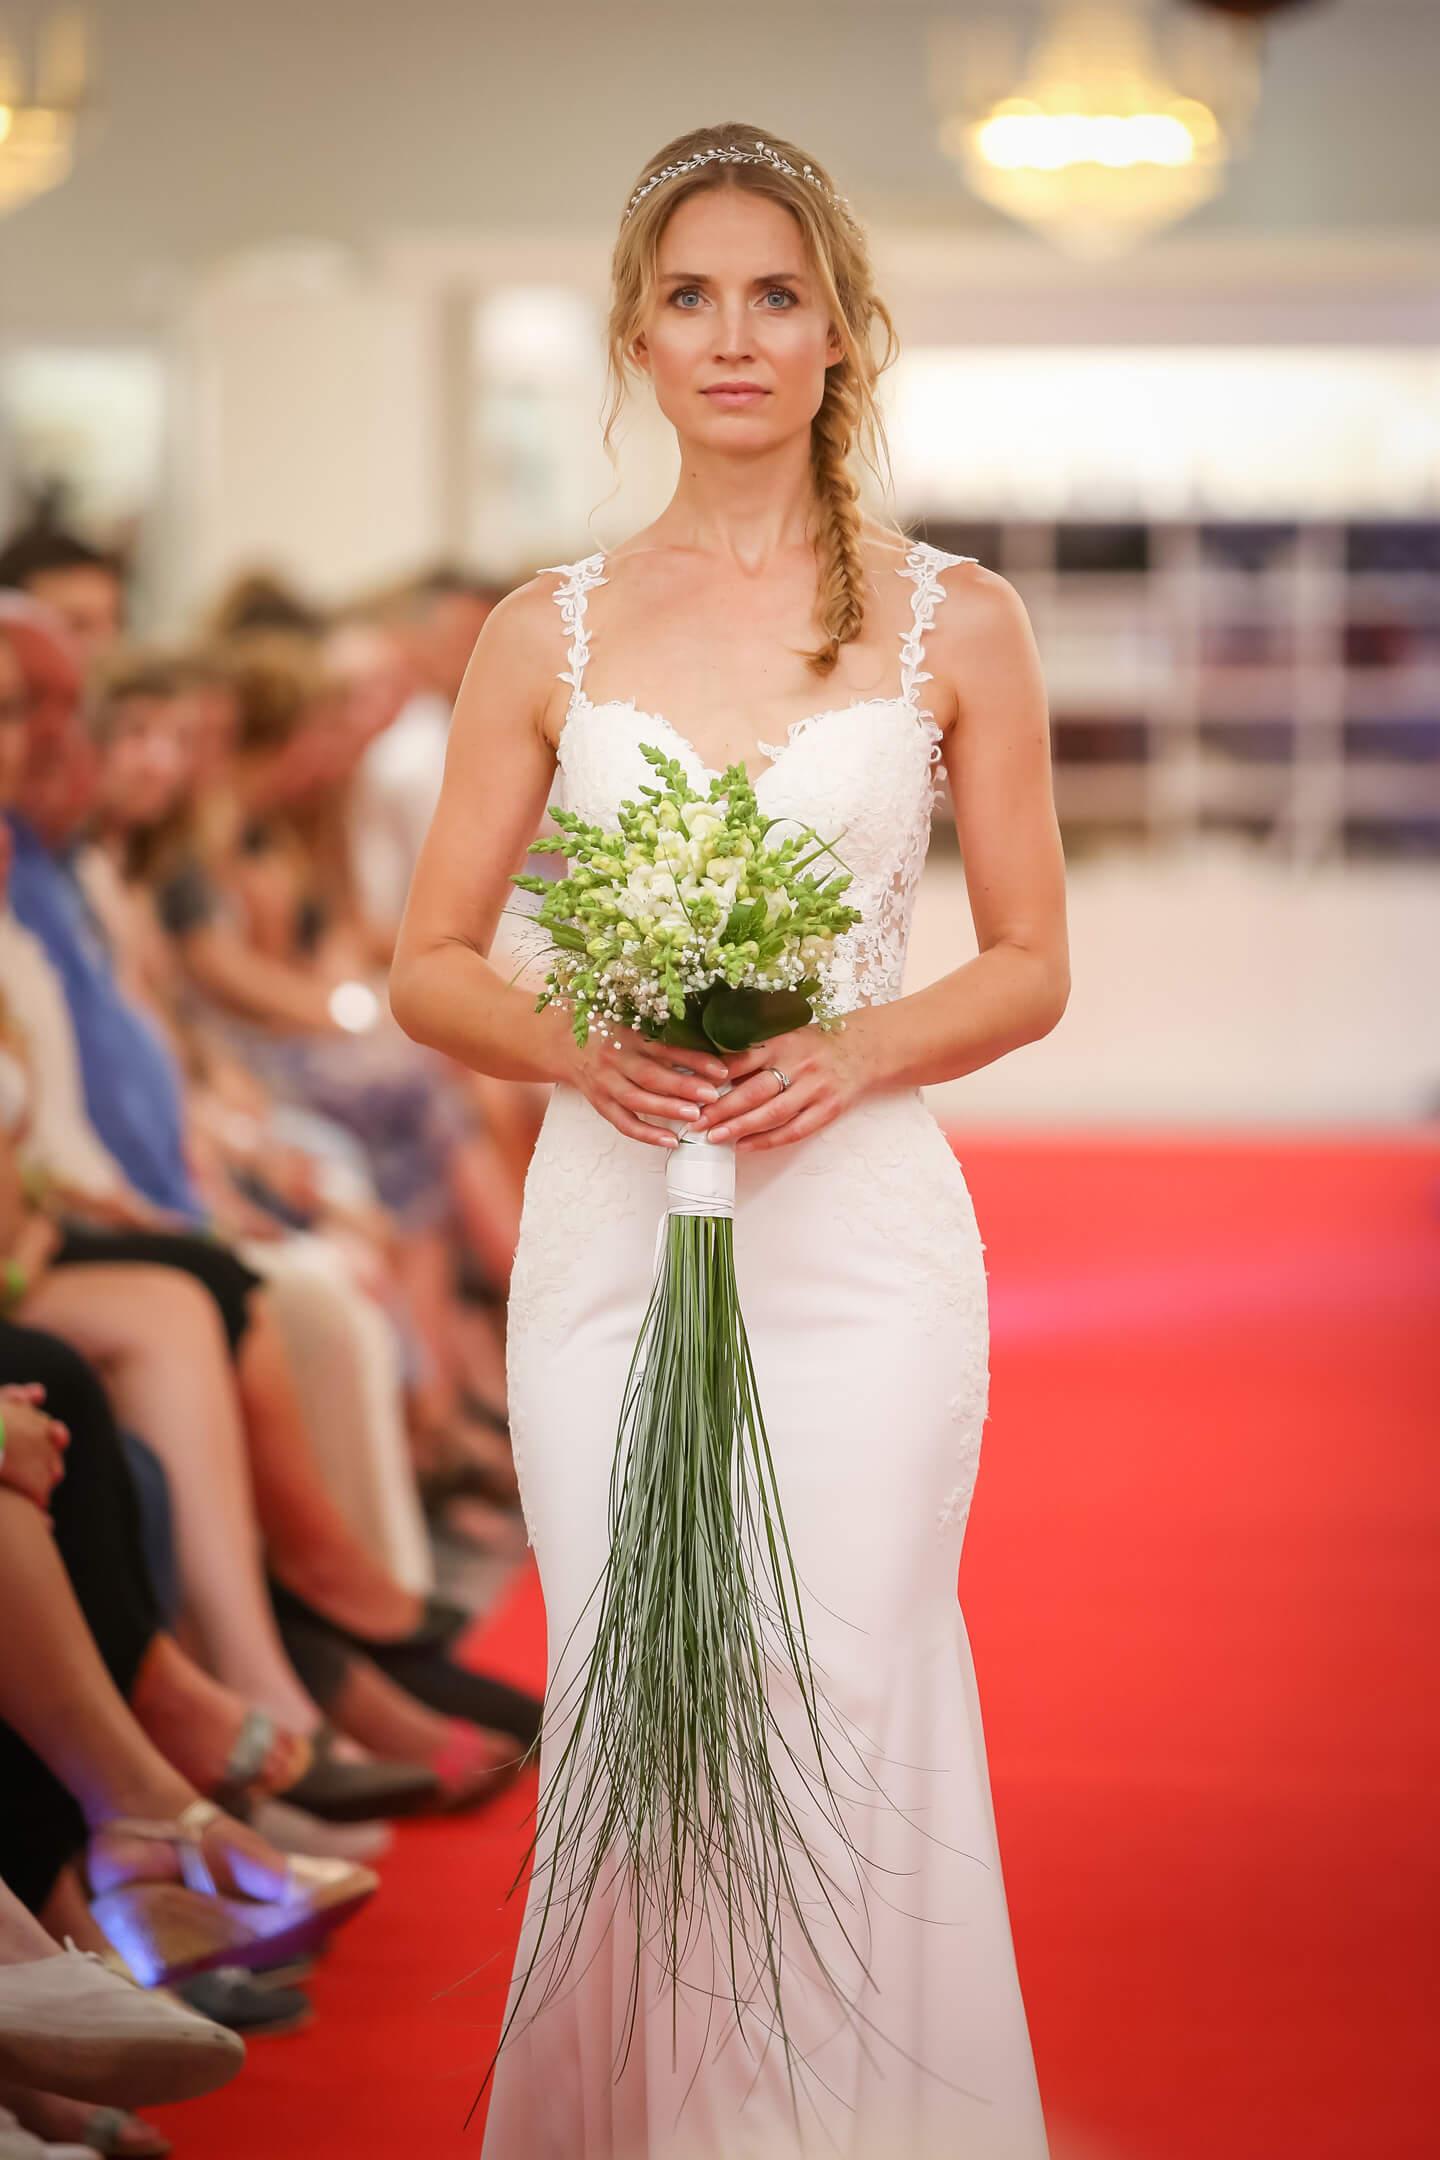 Als Eventfotograf hielt ich die Präsentation von gut 40 Brautkleidern auf dem Catwalk fest